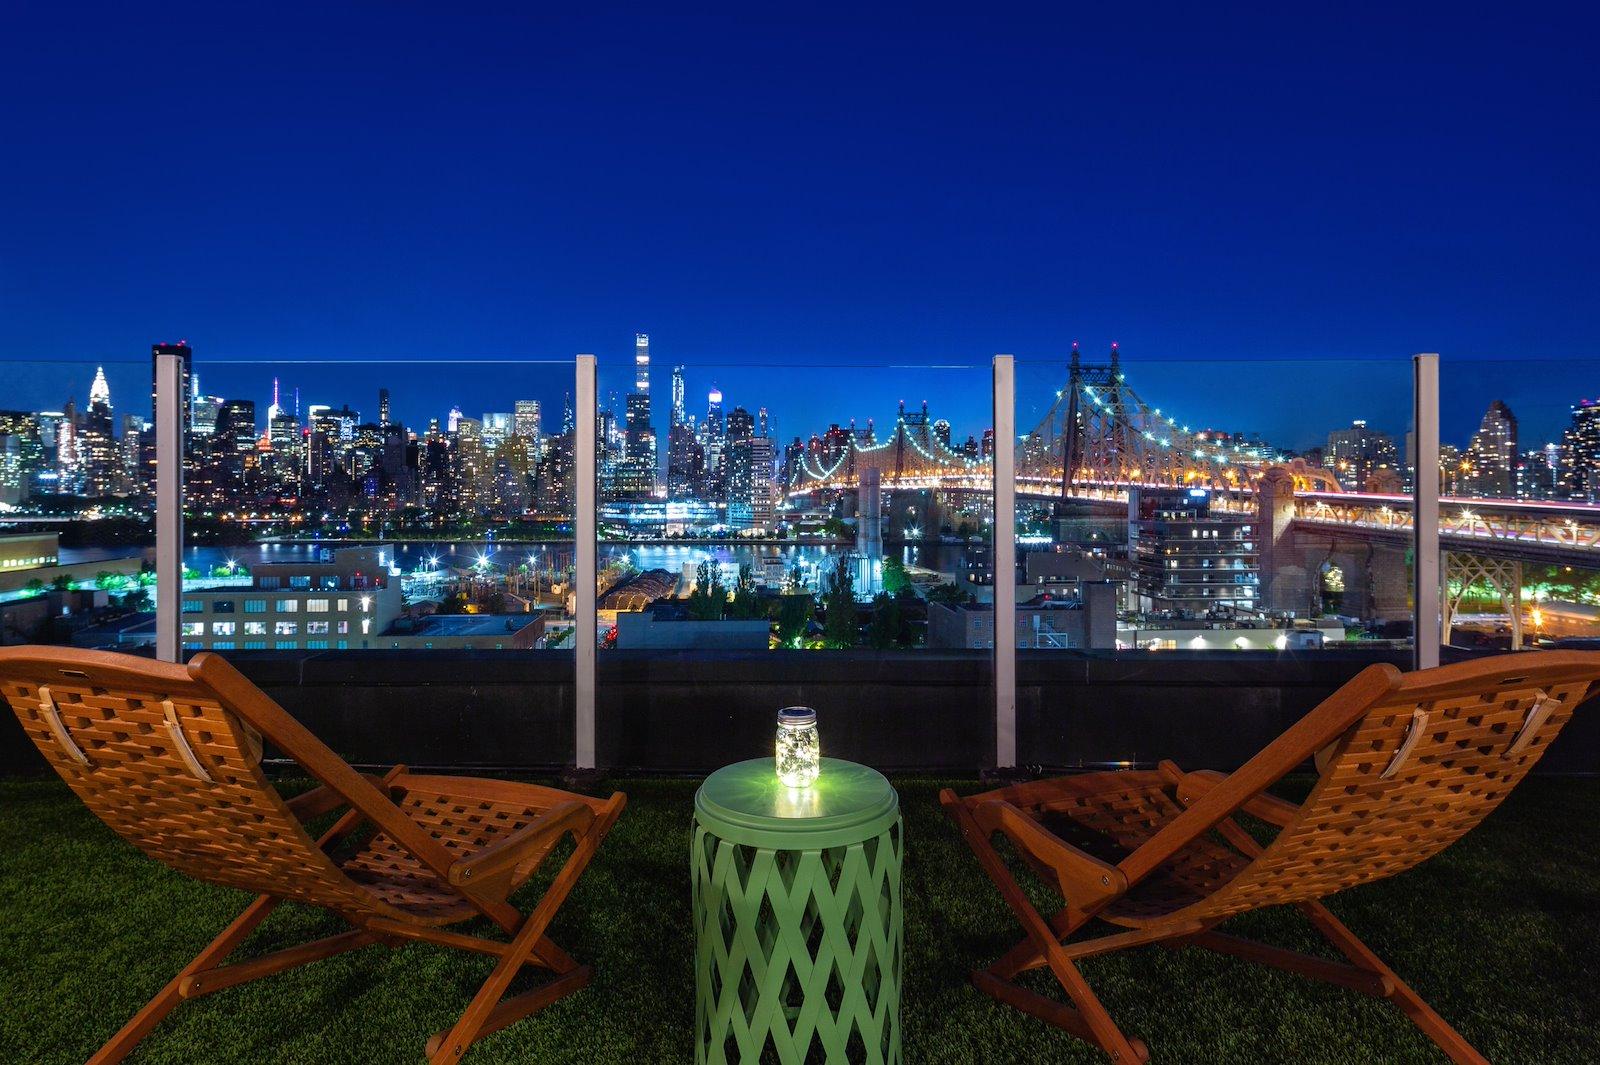 Skyline New York: i grattacieli dove ammirare le migliori viste panoramiche